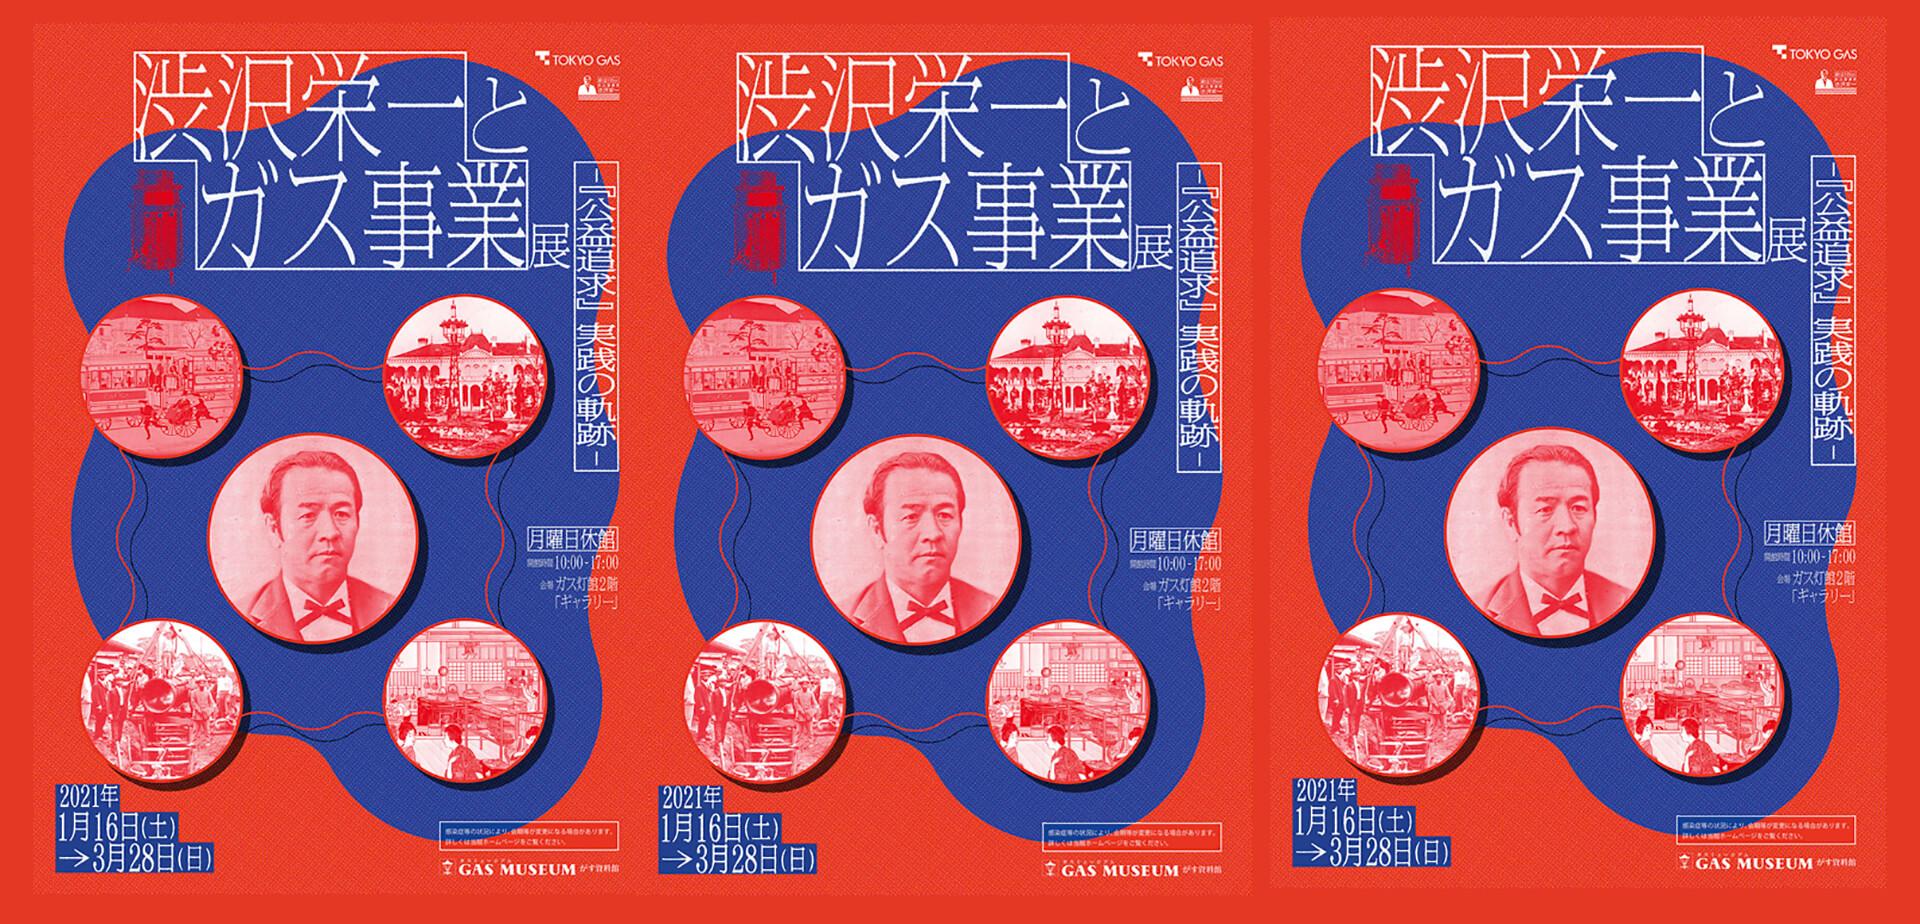 「渋沢栄一とガス事業~『公益追求』実践の軌跡~」展